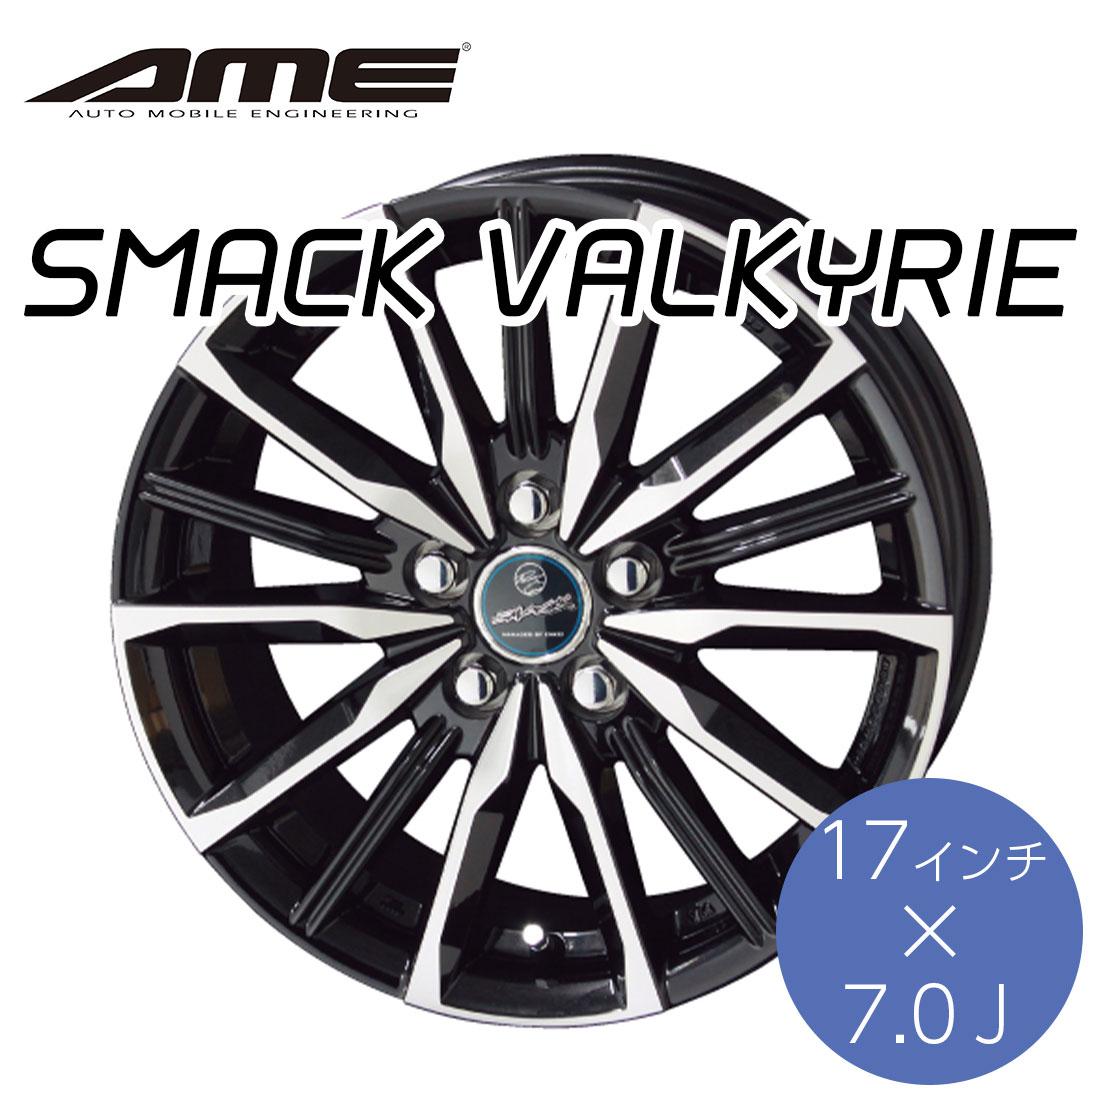 KYOHO ホイール スマック ヴァルキリー 17×7.0J インチ 5H PCD 100 114.3 SMACK VALKYRIE by AME 共豊 サファイアブラック×ポリッシュ かっこいい 車